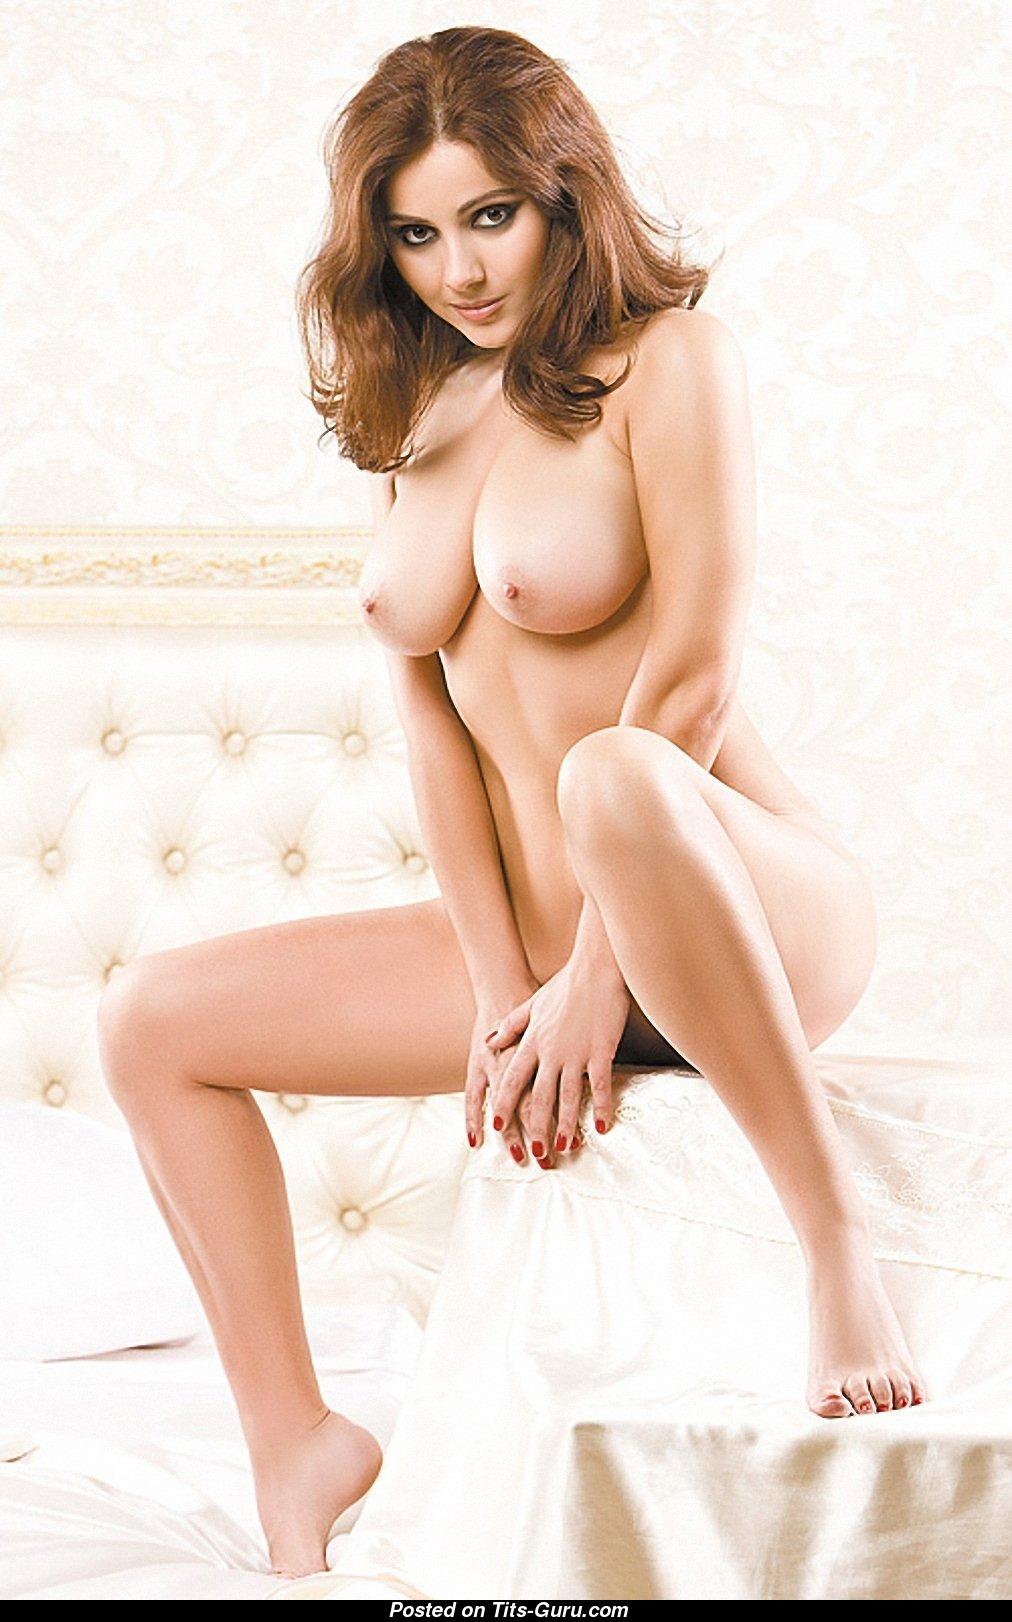 nude amazing girl with big boob image | 04.03.2015 15:16